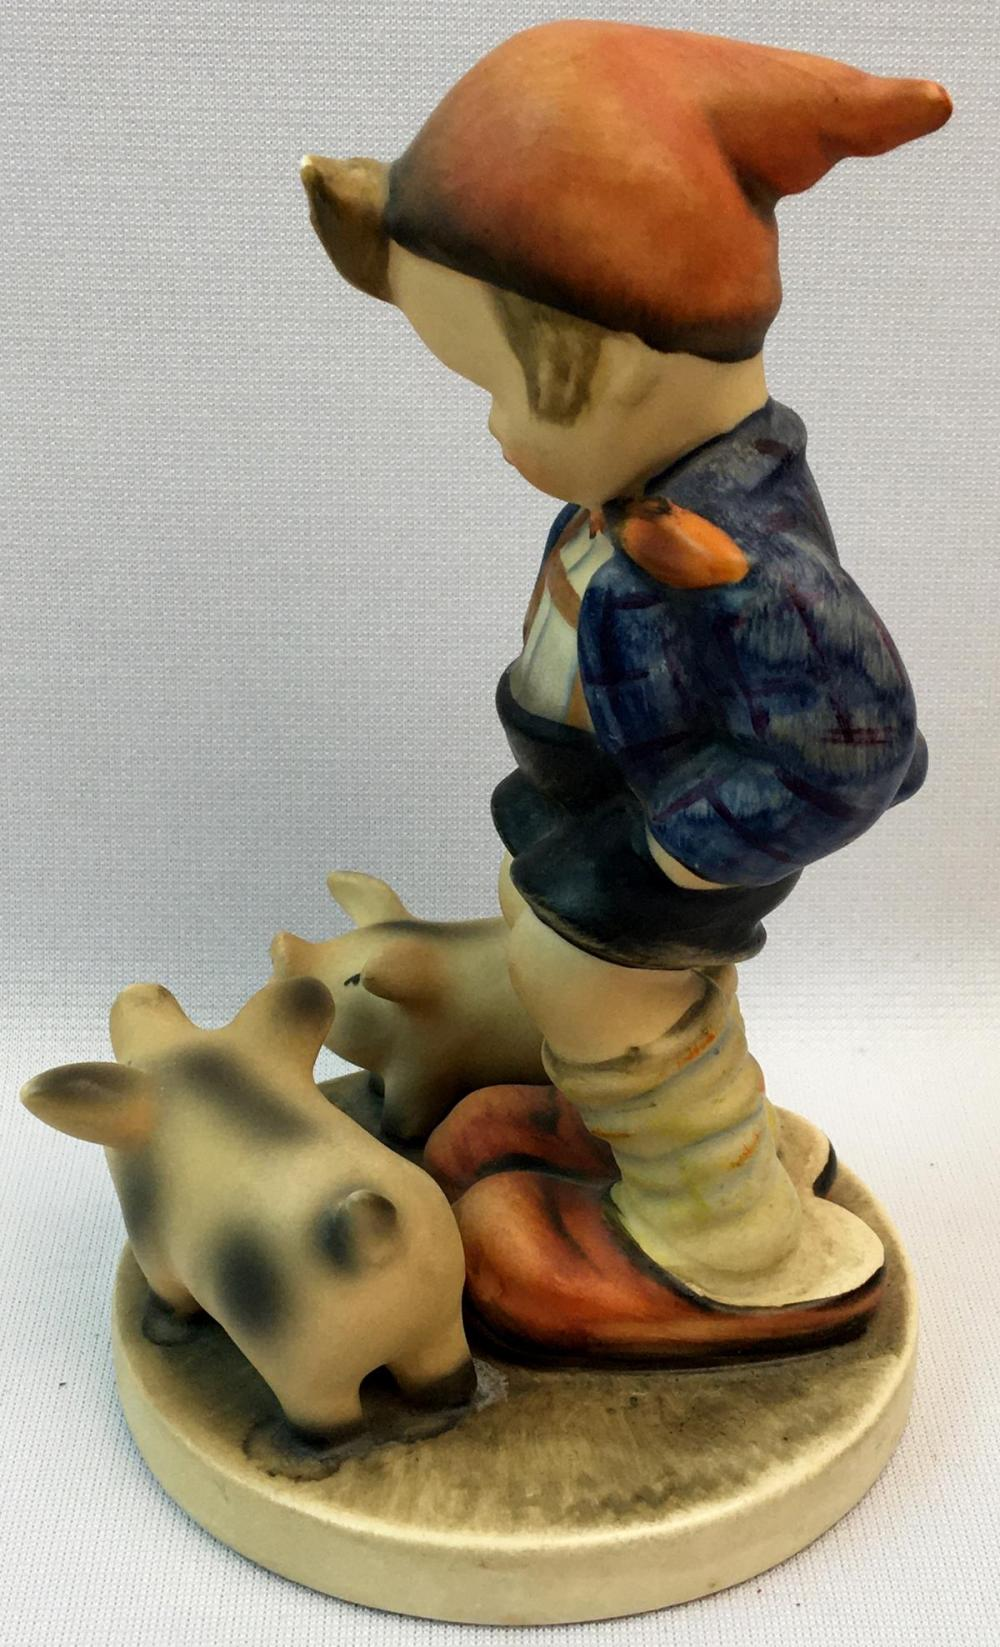 Vintage Hummel Figurine TMK-3